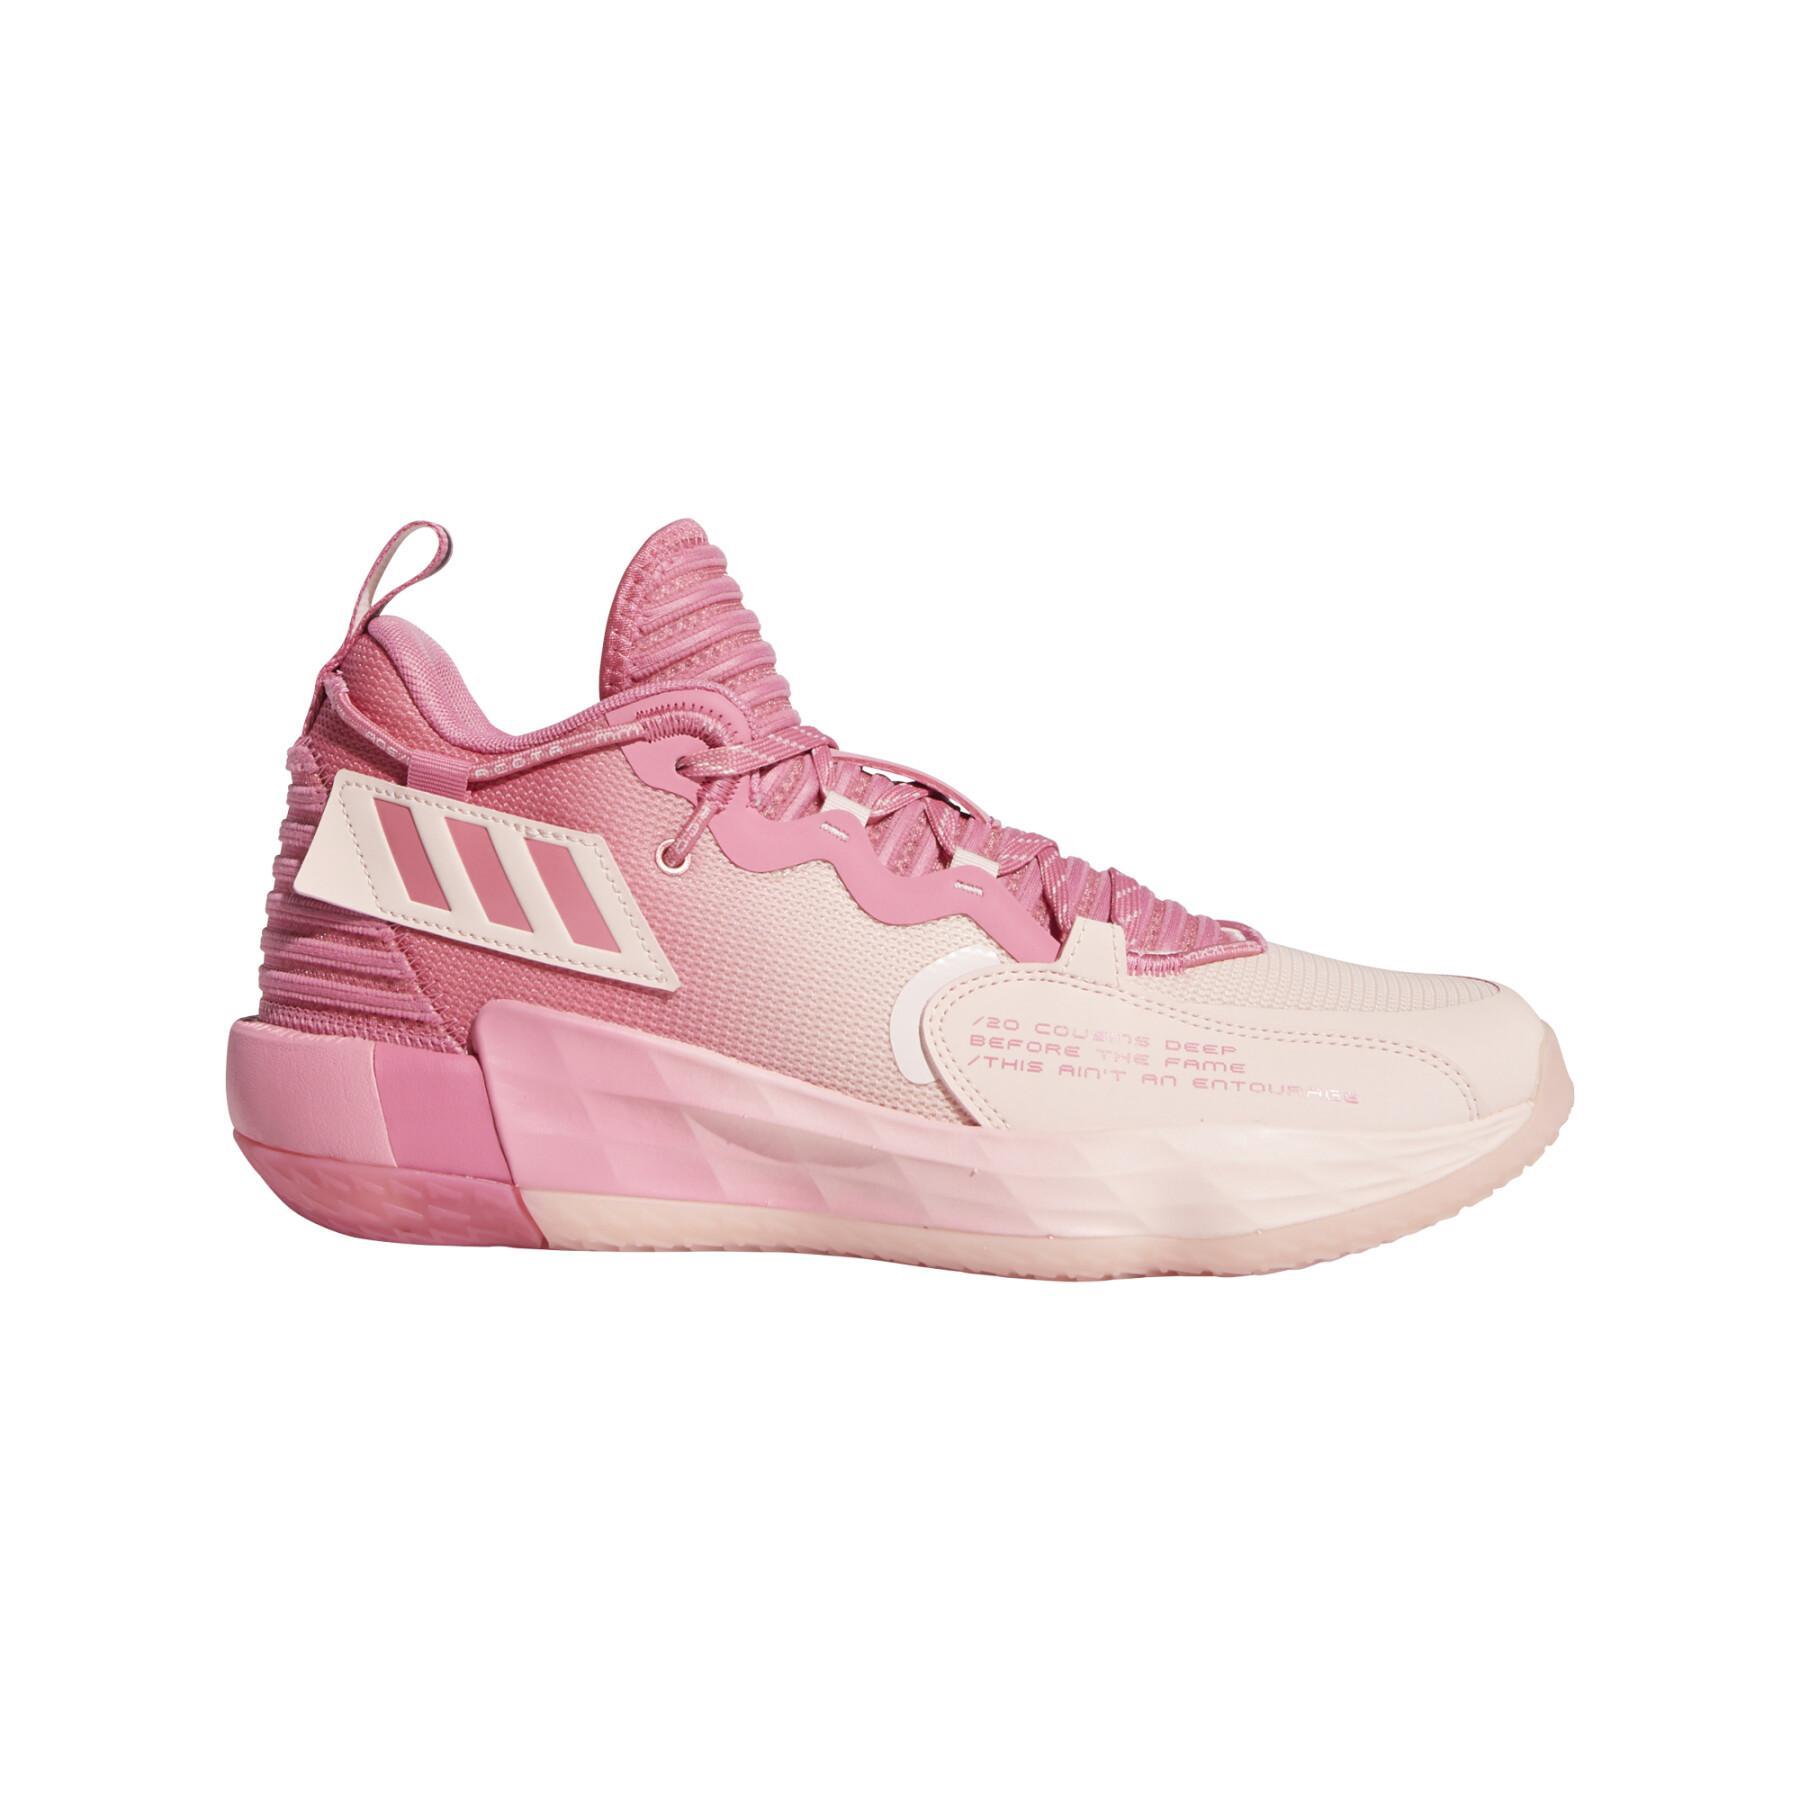 Zapatos adidas Dame 7 EXTPLY